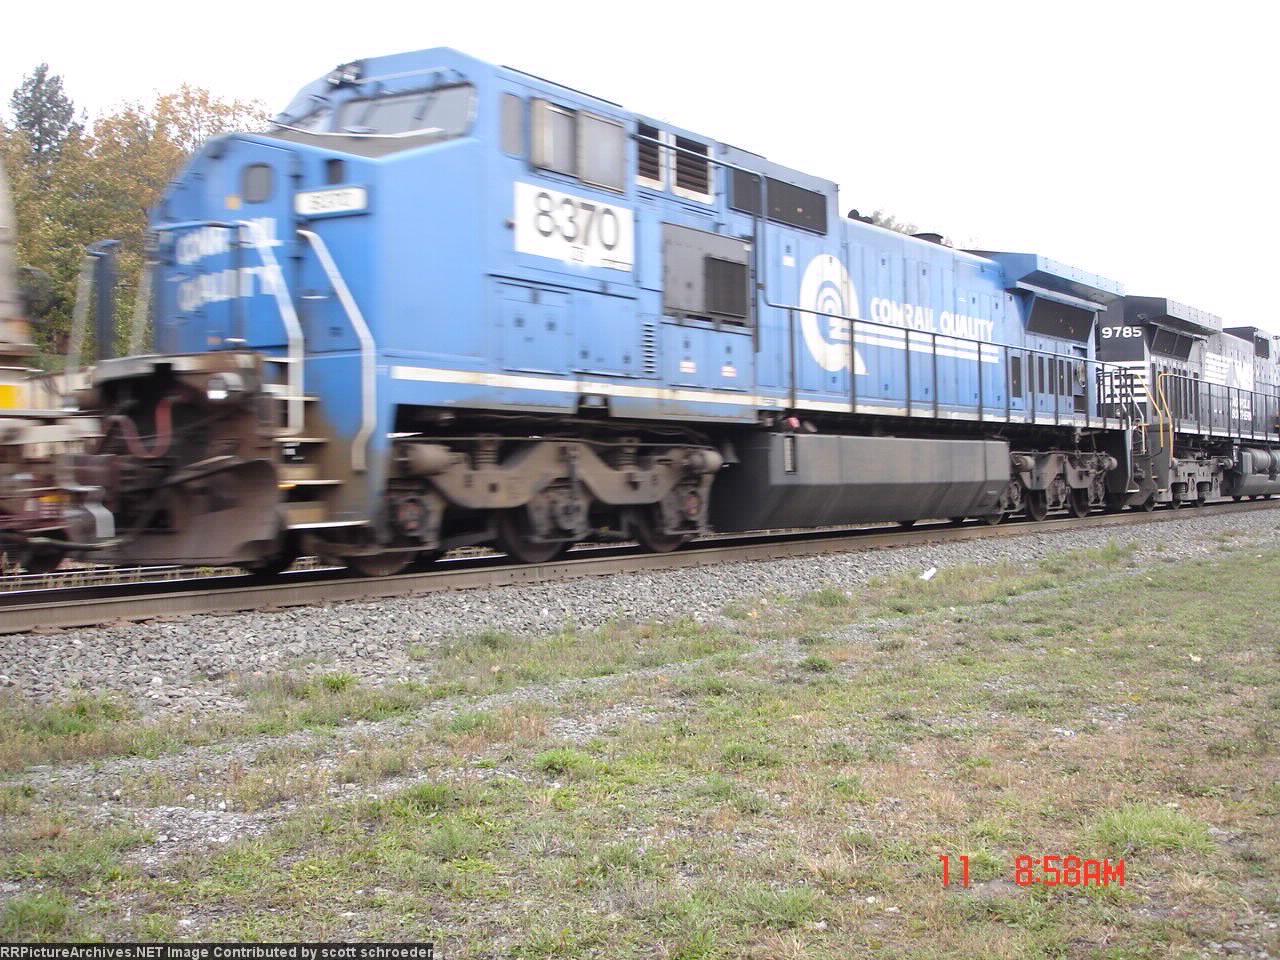 NS 8370 & NS 9785